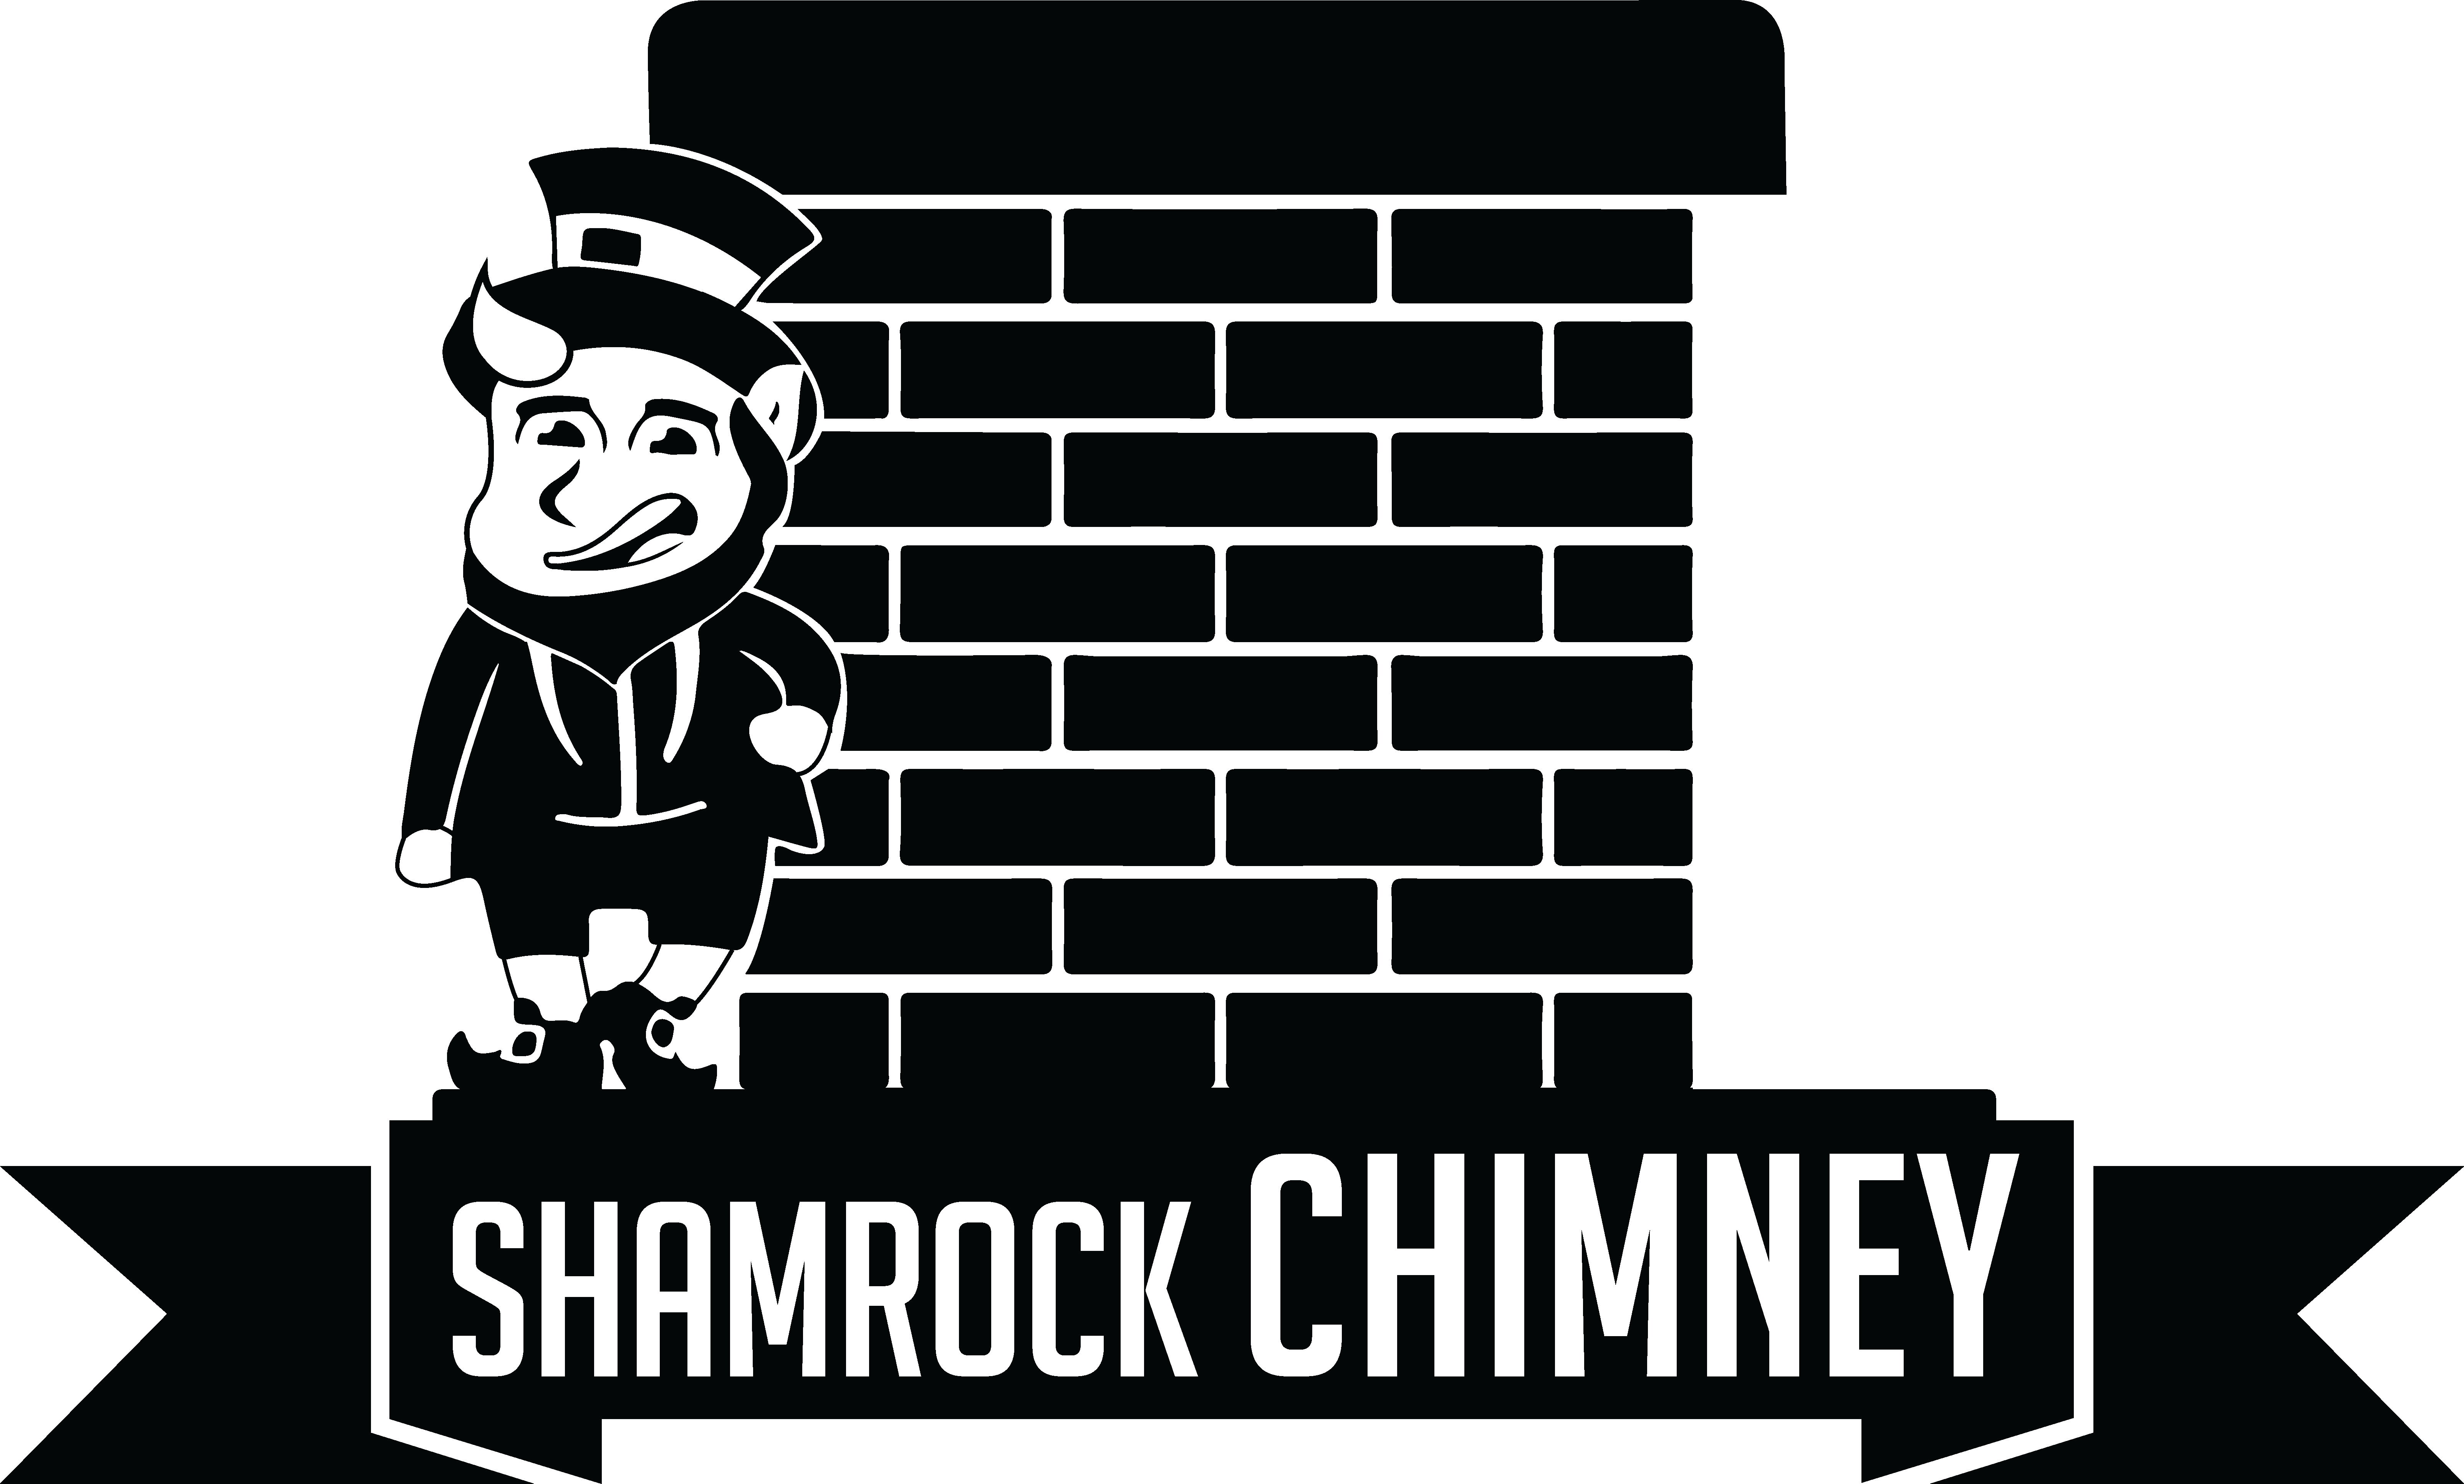 Shamrock Chimney logo